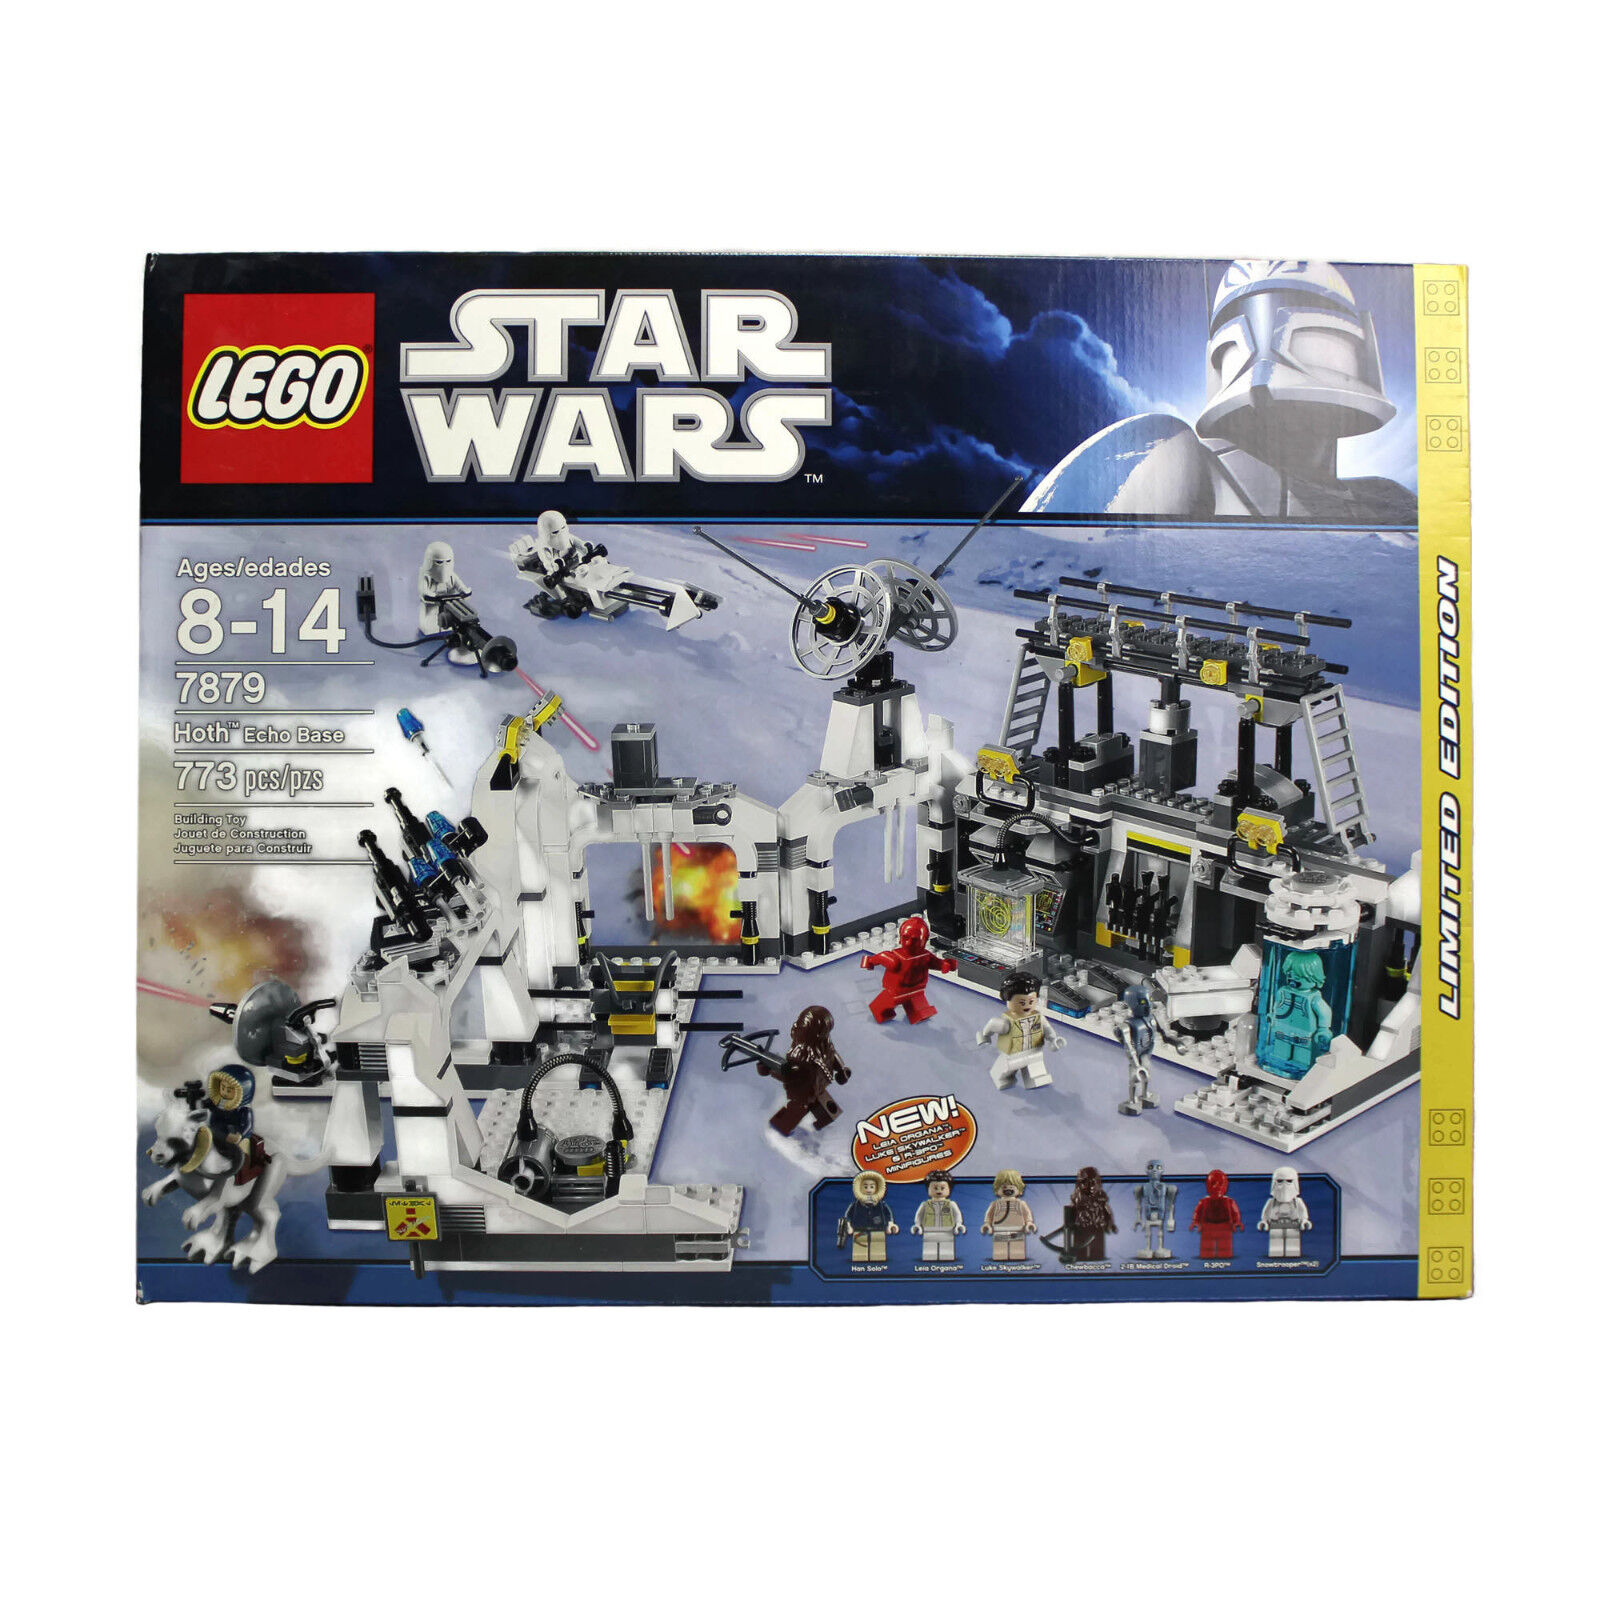 LEGO stjärnornas krig varmH ECHO BASE 7879 begränsad Edition 2011NY NIB SEALD Pensionerad